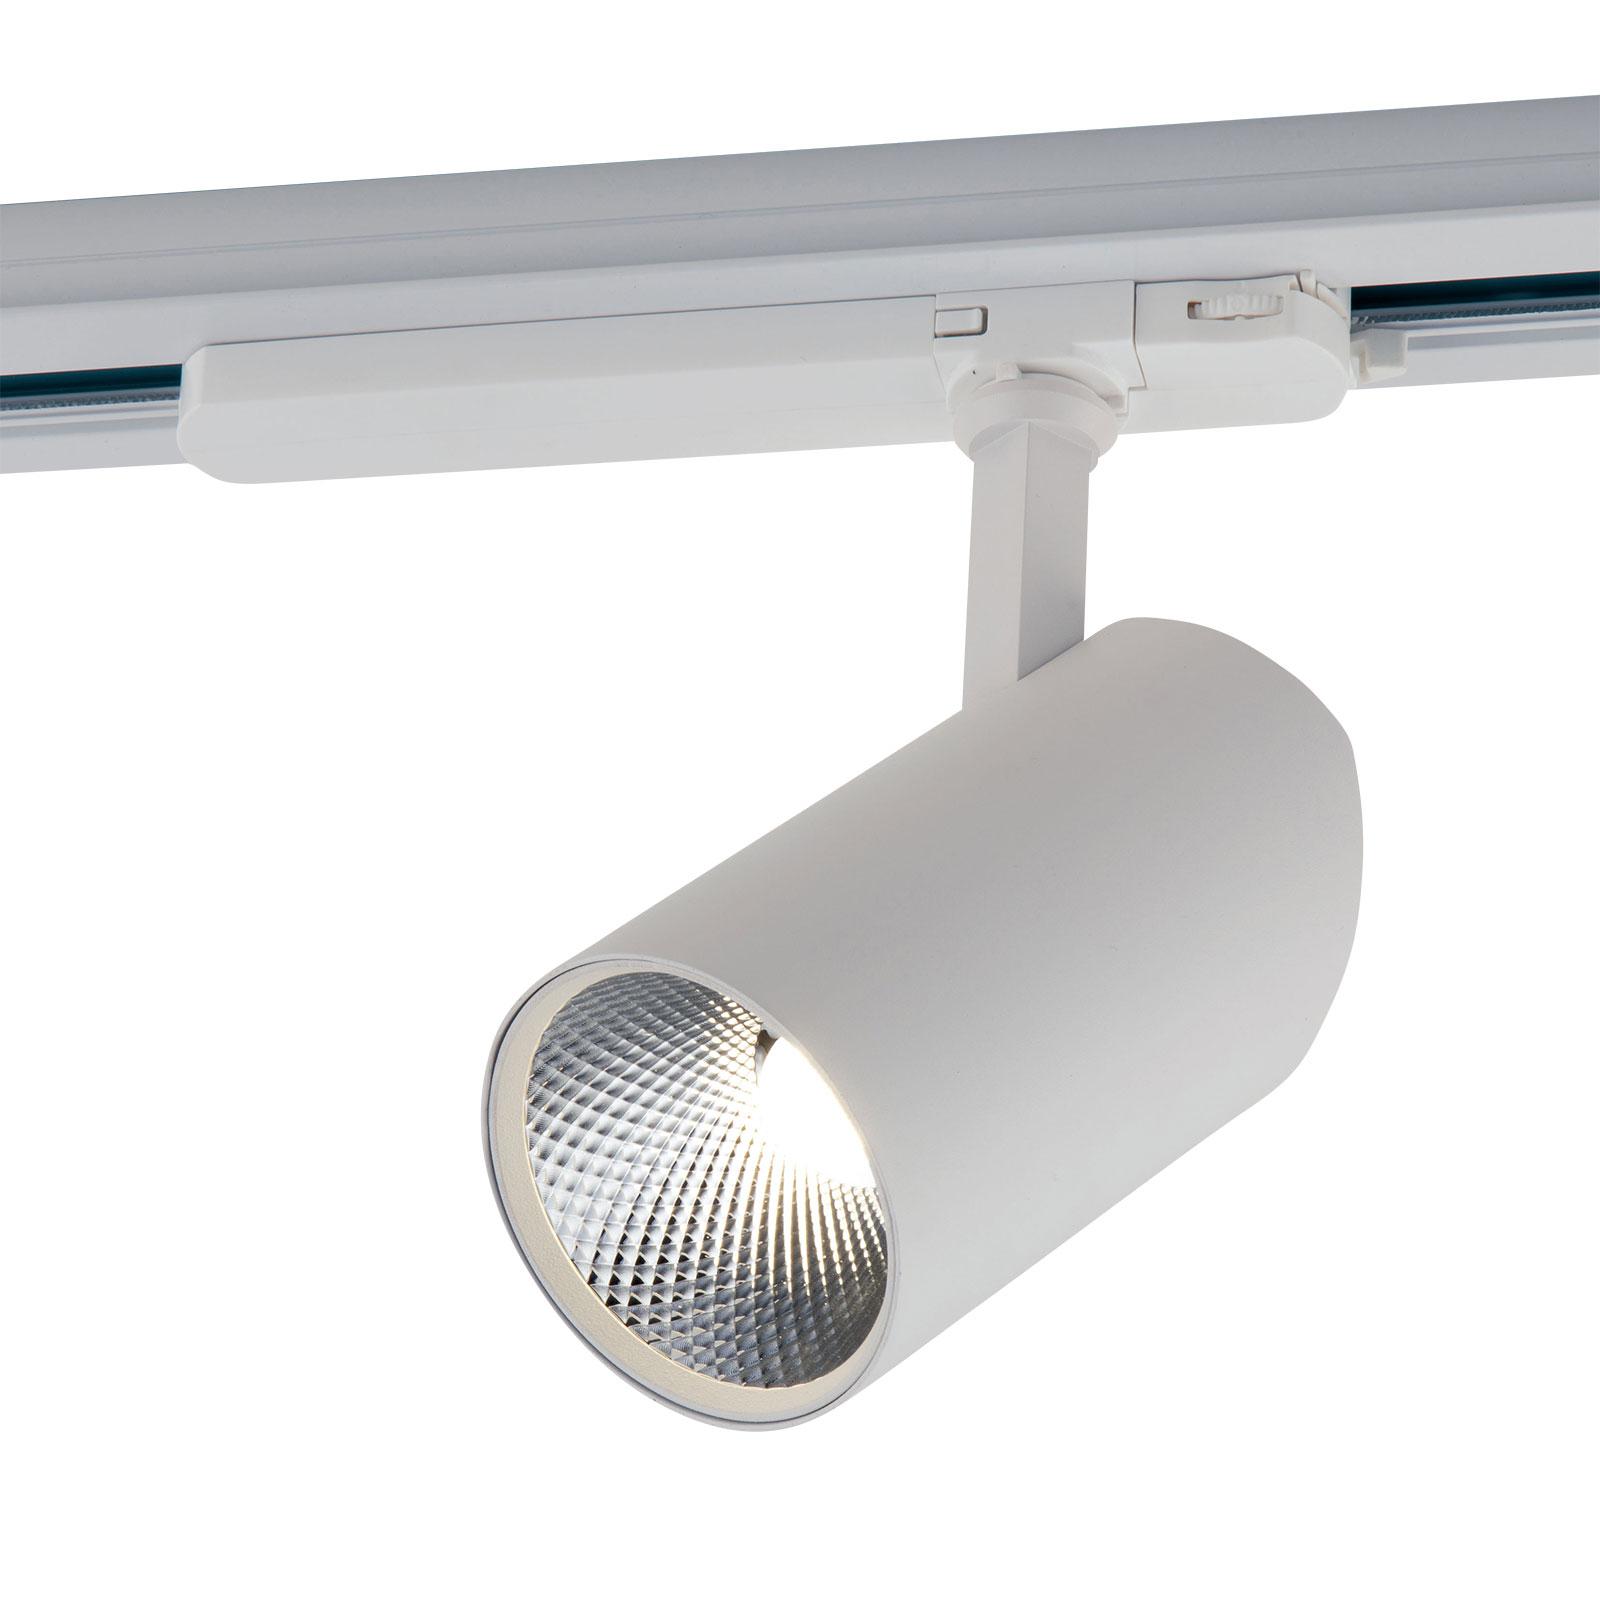 LED-Schienen-Strahler Action 3.000K 13W weiß